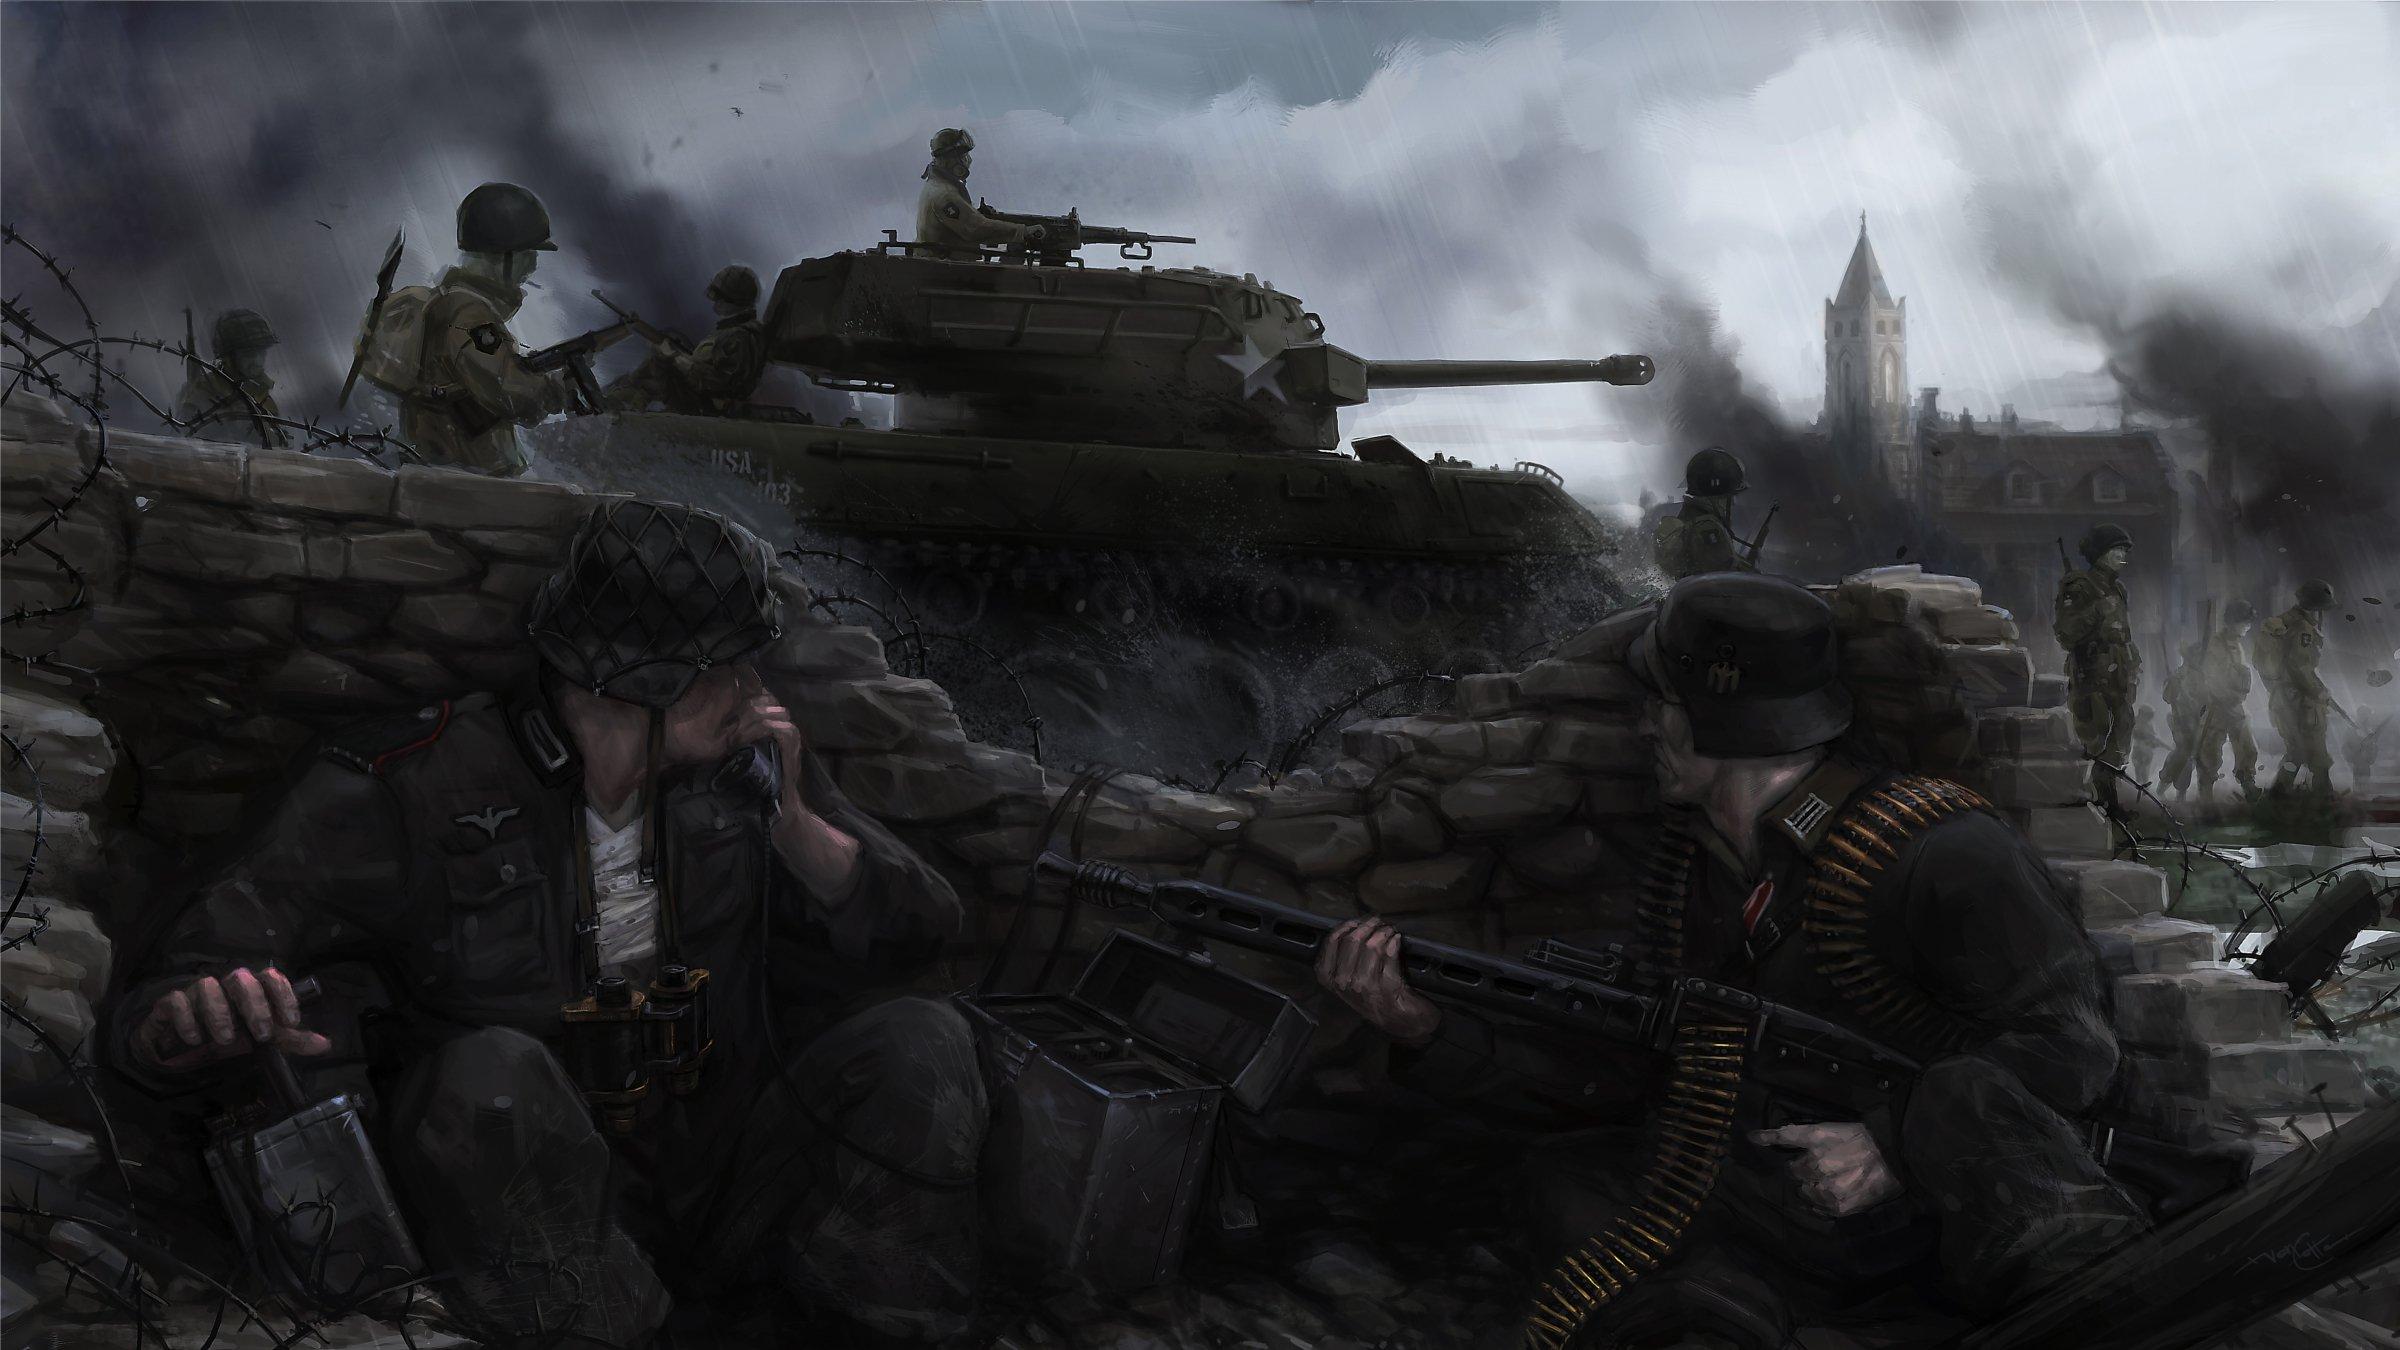 Heroes & Generals  Война под другим углом.  И там мы на полях сражений второй мировой войны. Вновь как и во многих и ... - Изображение 3